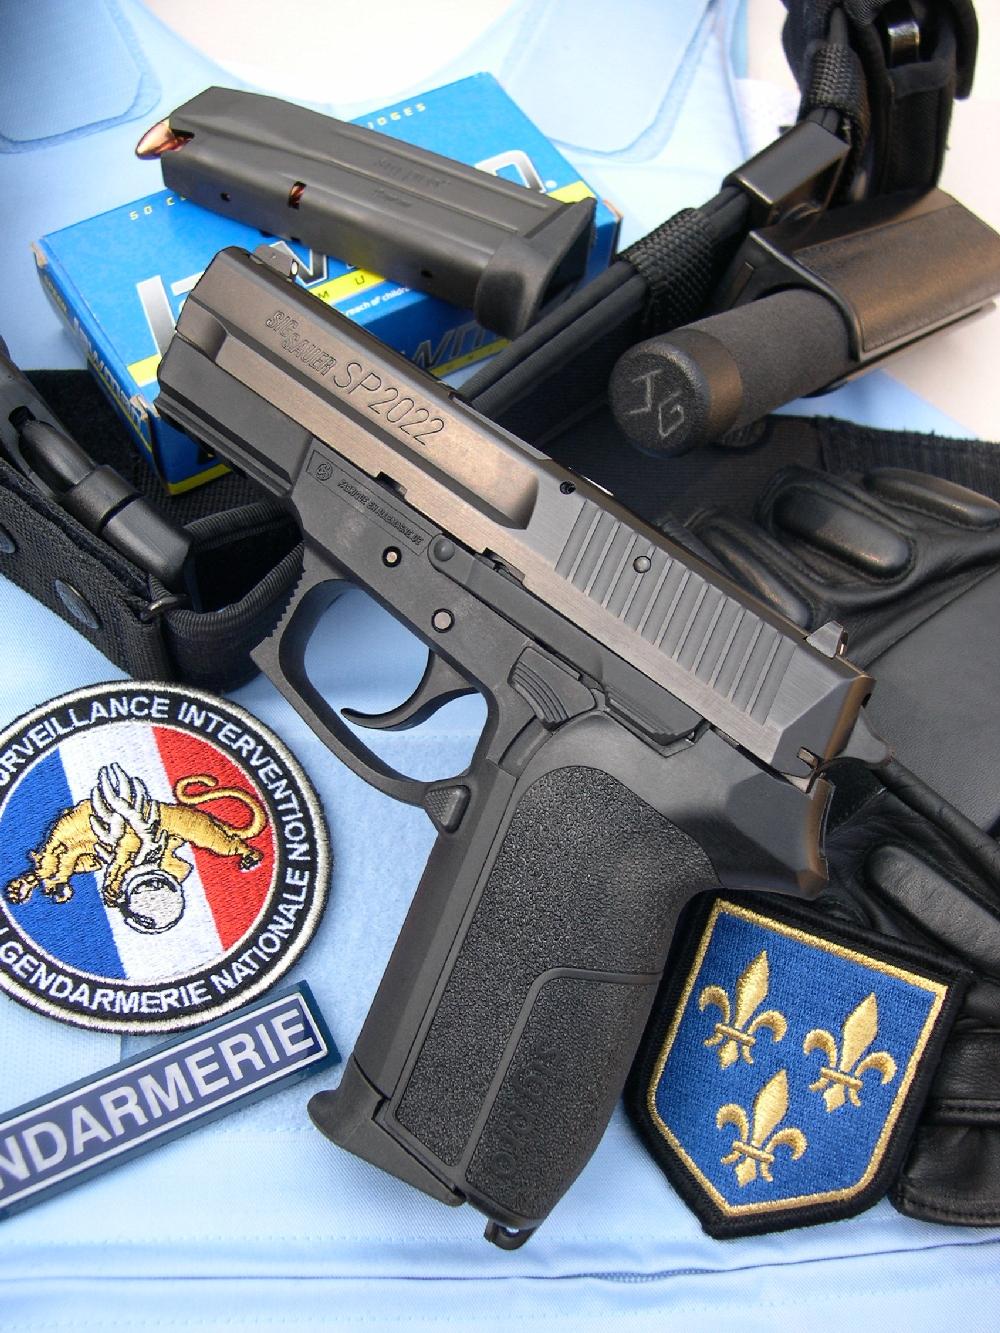 Le SIG-Sauer SP-2022, accompagné de cartouches Speer Lawman et d'accessoires utilisés par les gendarmes du PSIG (Peloton de Surveillance et d'Intervention de la Gendarmerie) : ceinturon portant l'étui, les menottes et une matraque télescopique, gants renforcés et insignes de reconnaissance.